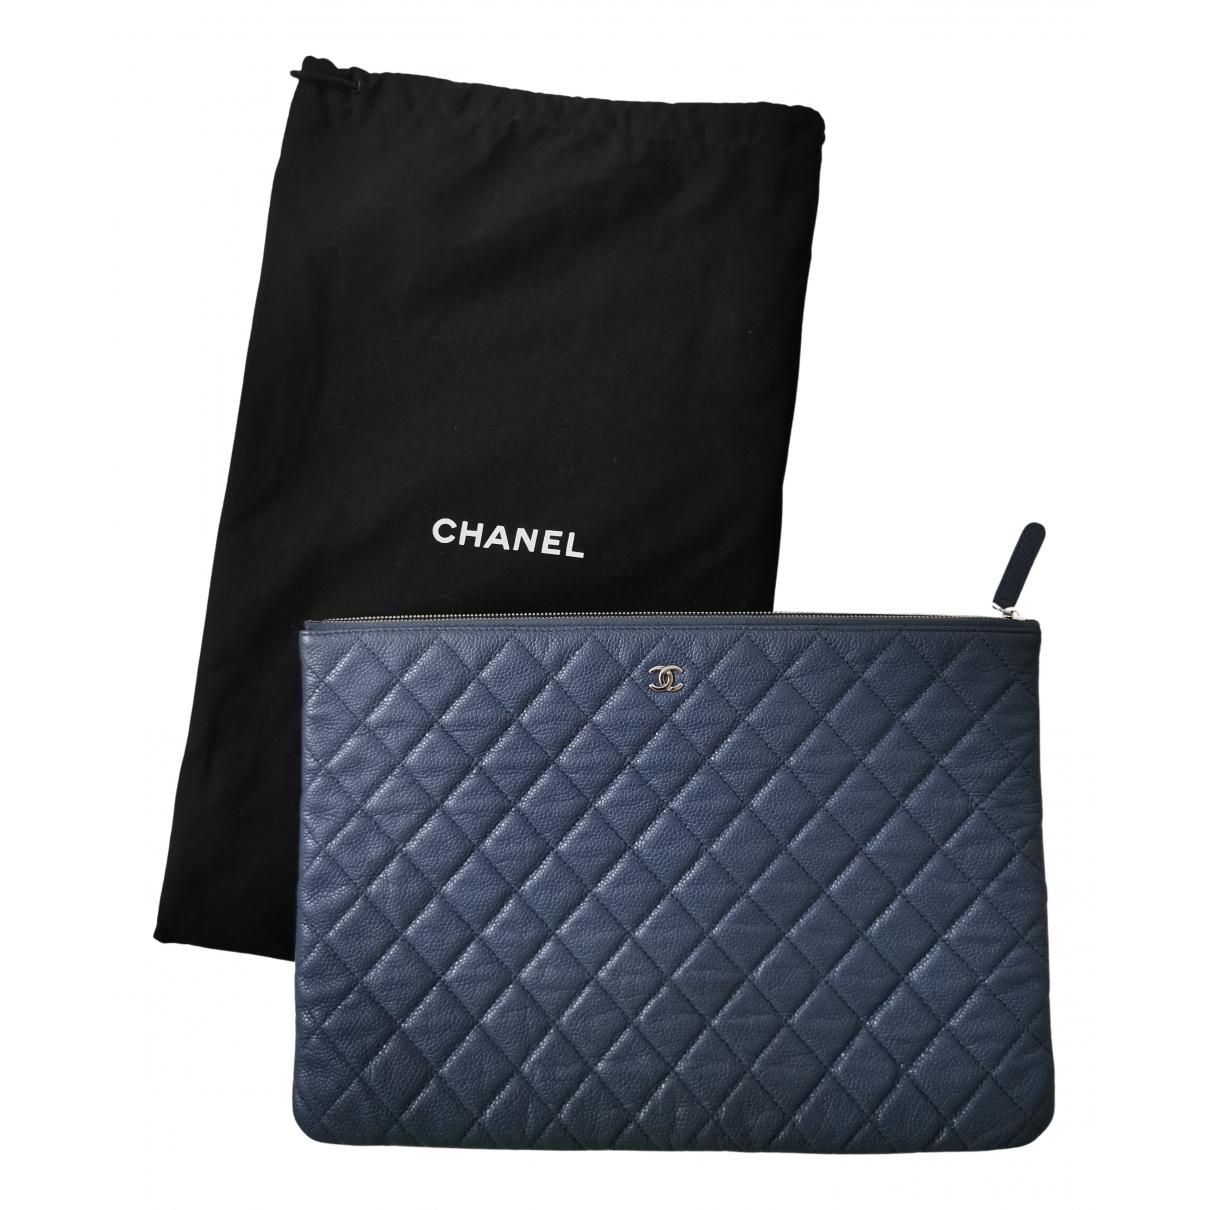 Chanel \N Clutch in  Grau Leder